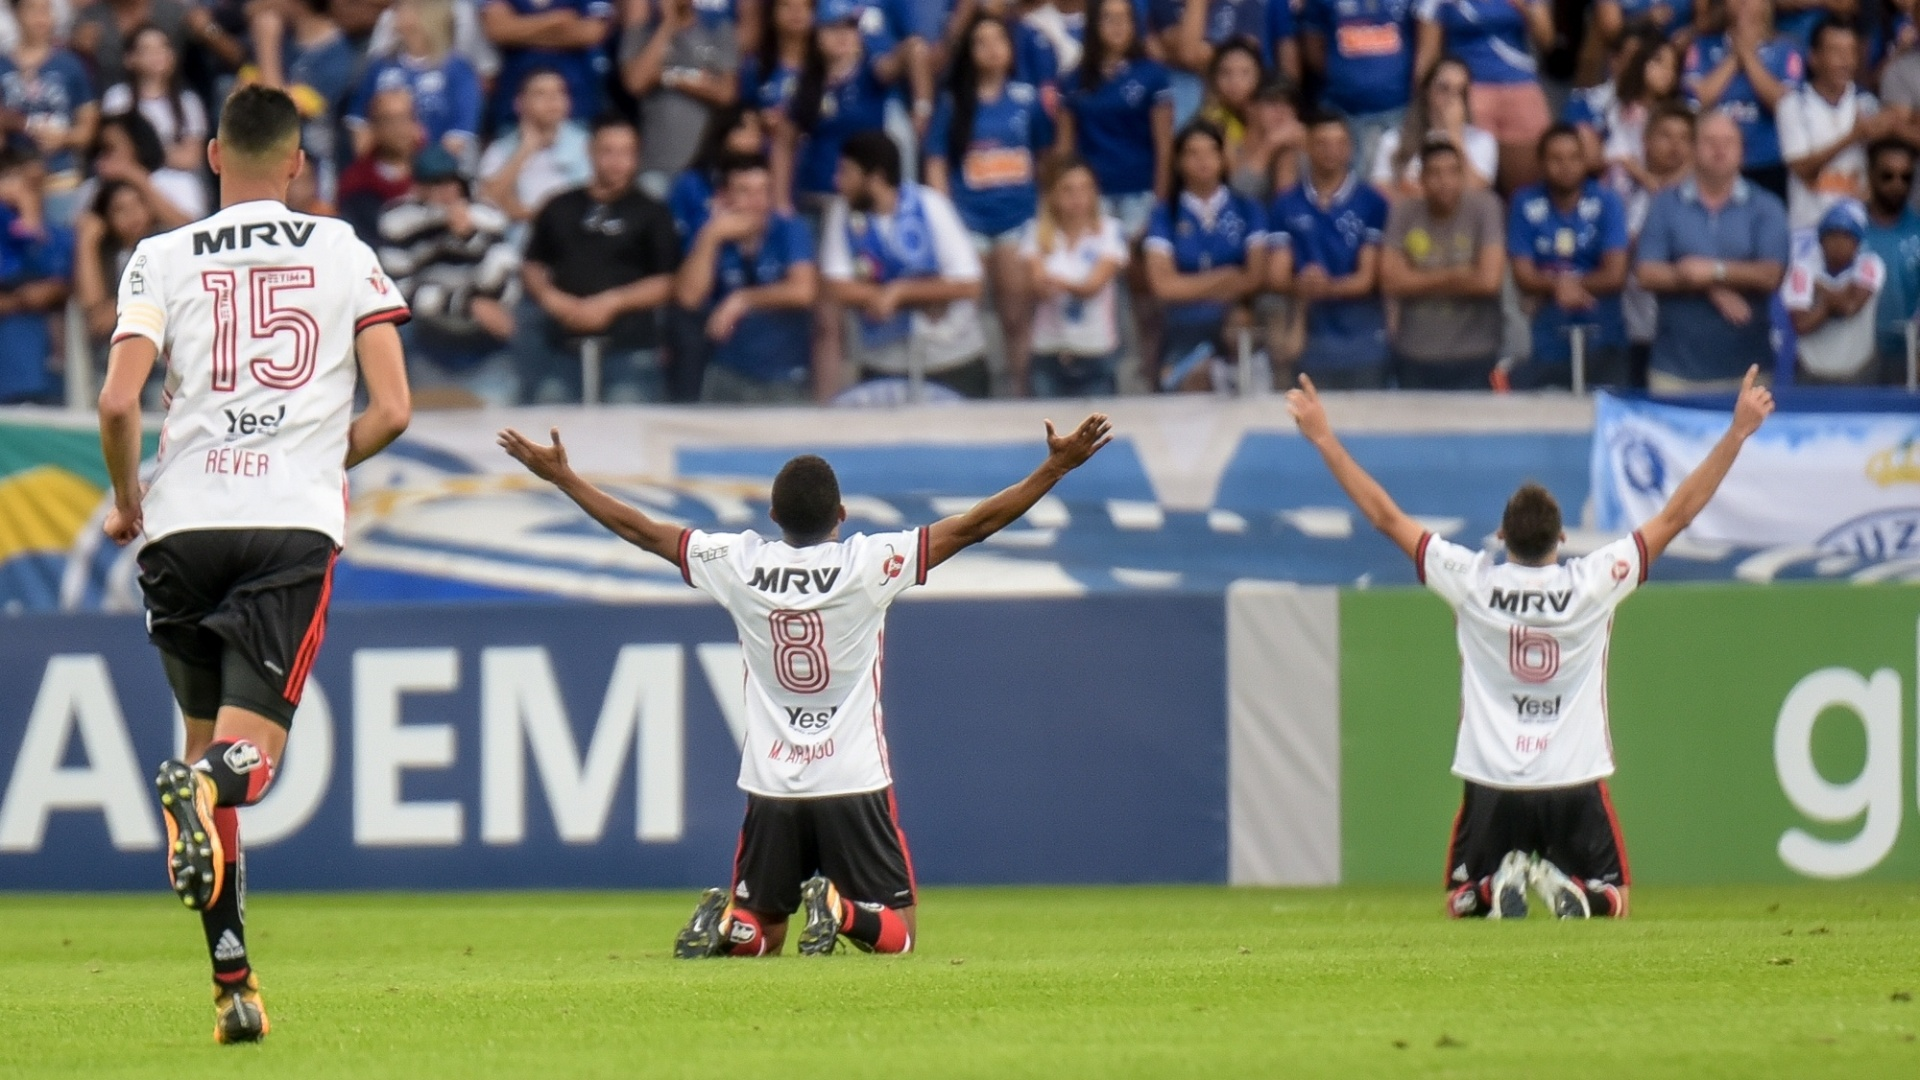 Jogadores do Flamengo comemoram o gol de Éverton diante do Cruzeiro pelo Campeonato Brasileiro 2017